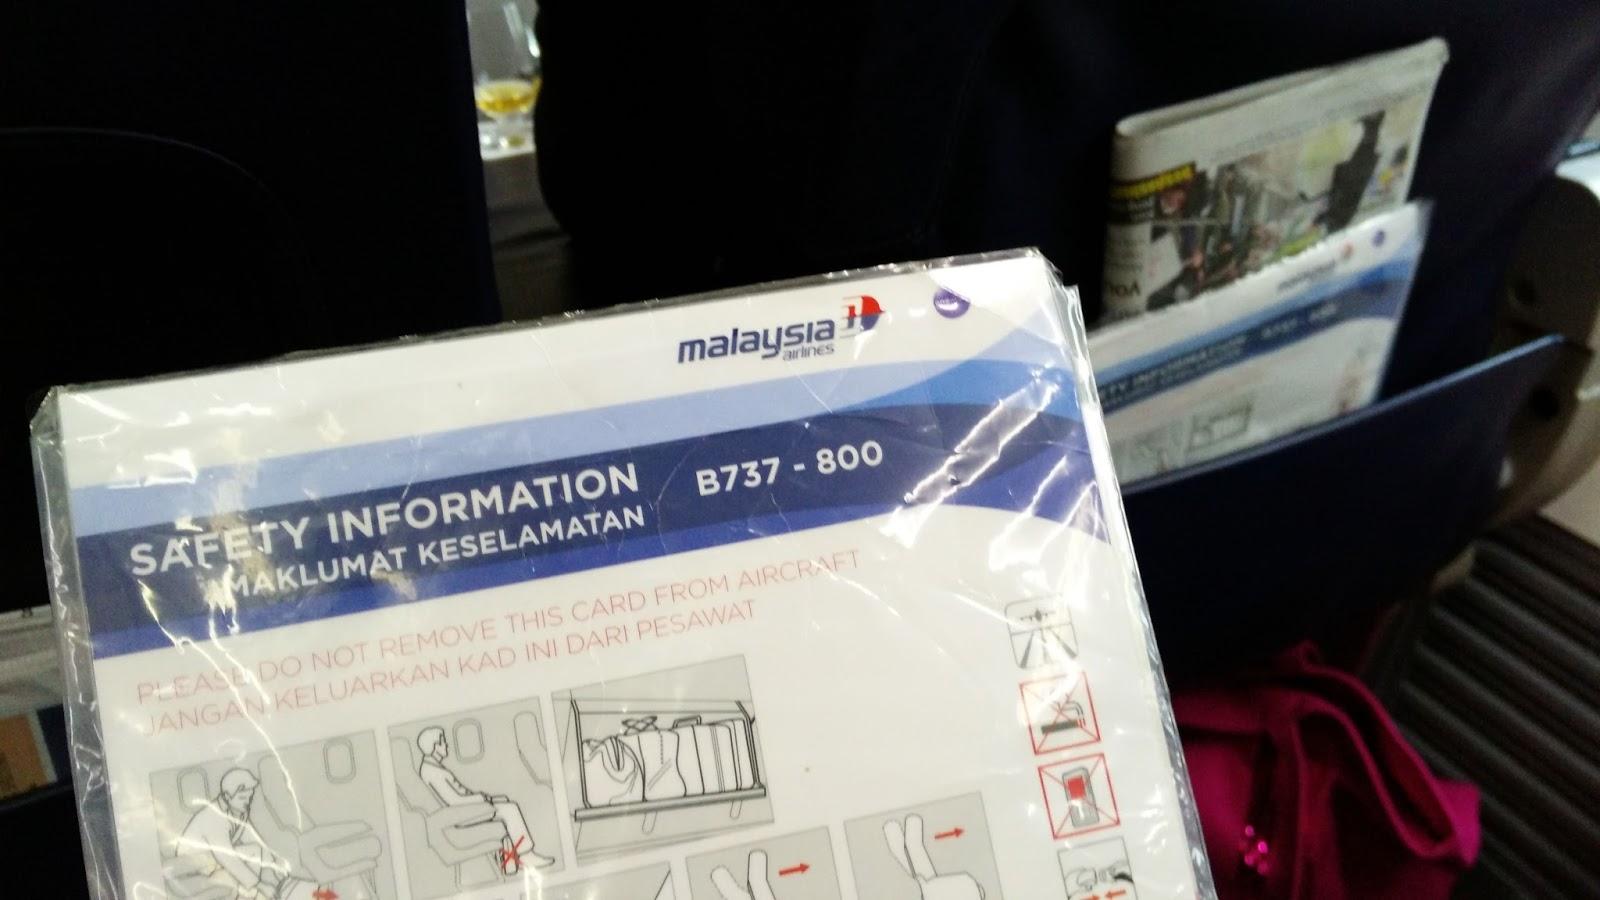 黑老闆說︱馬航台北-吉隆坡航線選派的是B737-800客機。